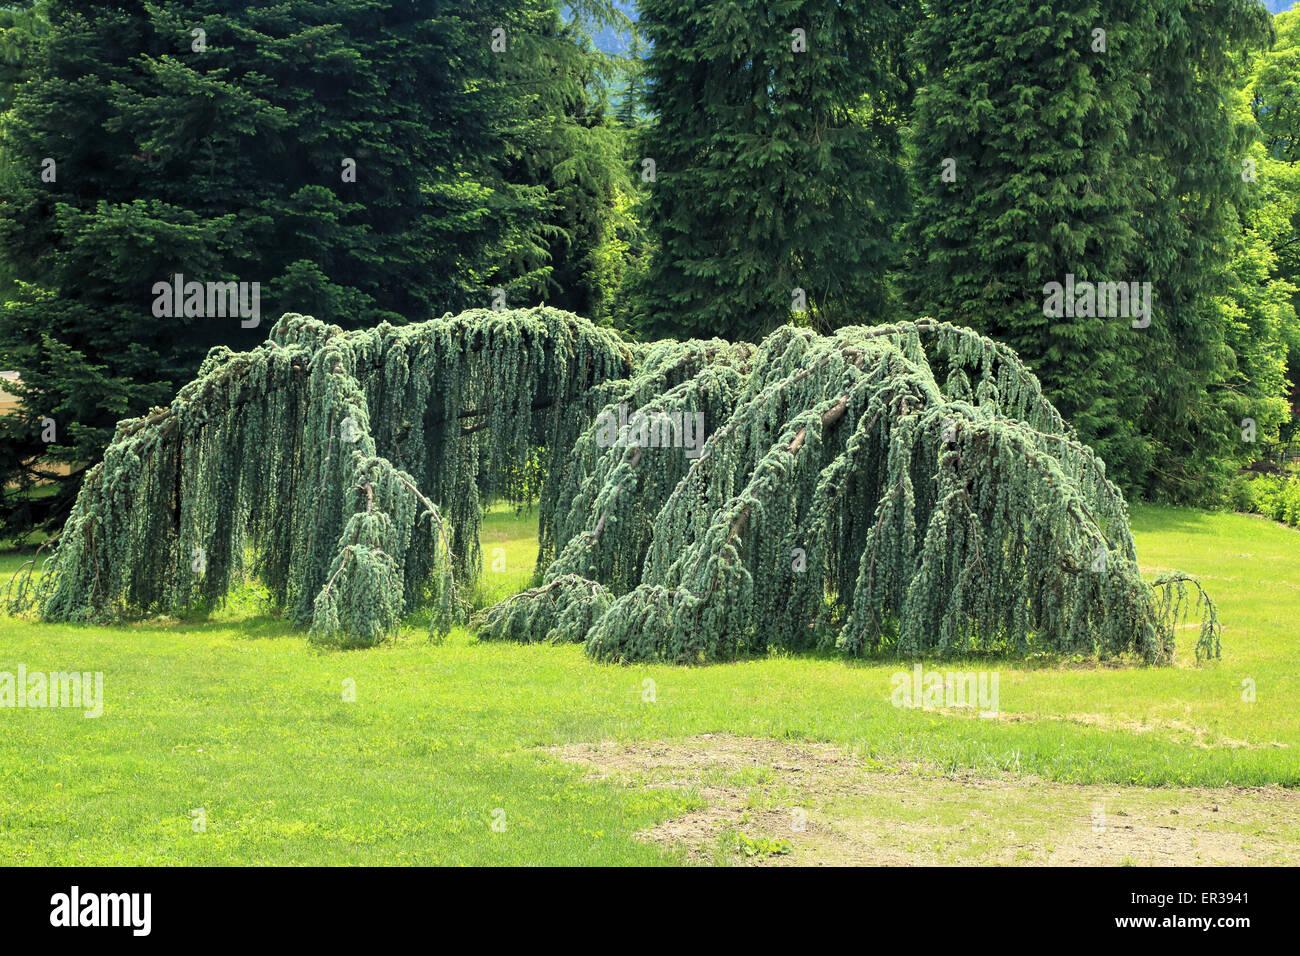 Weeping Blue Atlas Cedar, Cedrus atlantica, Glauca Pendula - Stock Image